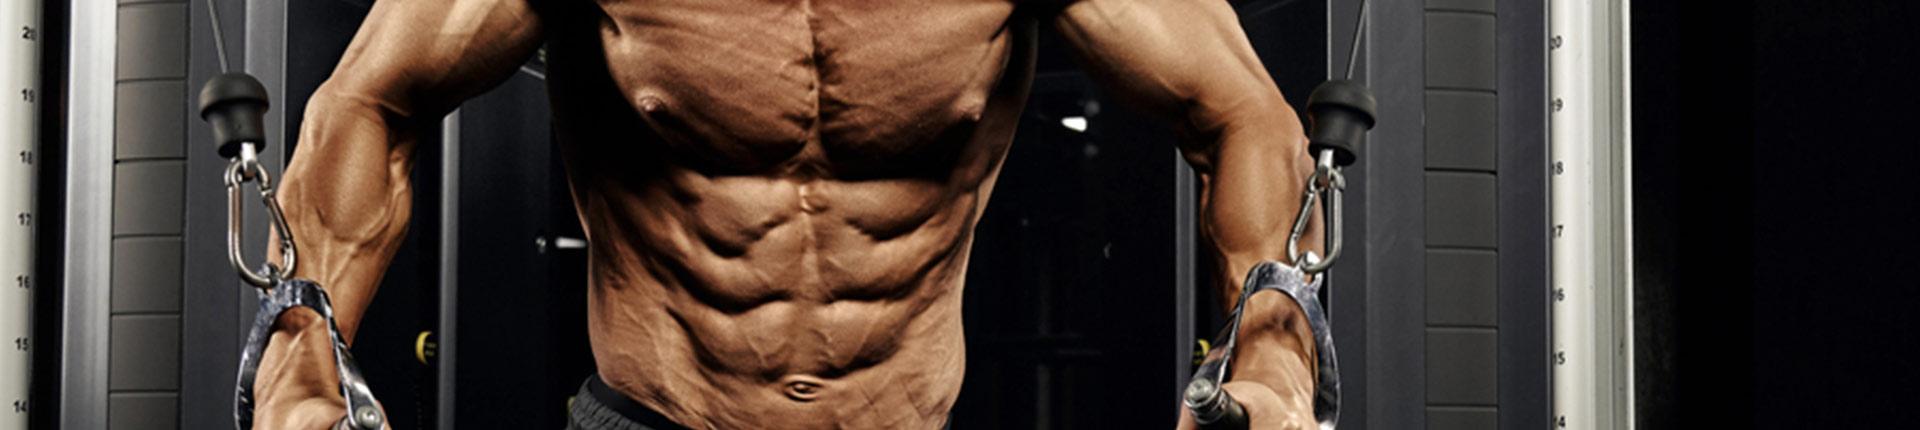 Sterydy anaboliczne dla początkujących? Czy warto stosować SAA?